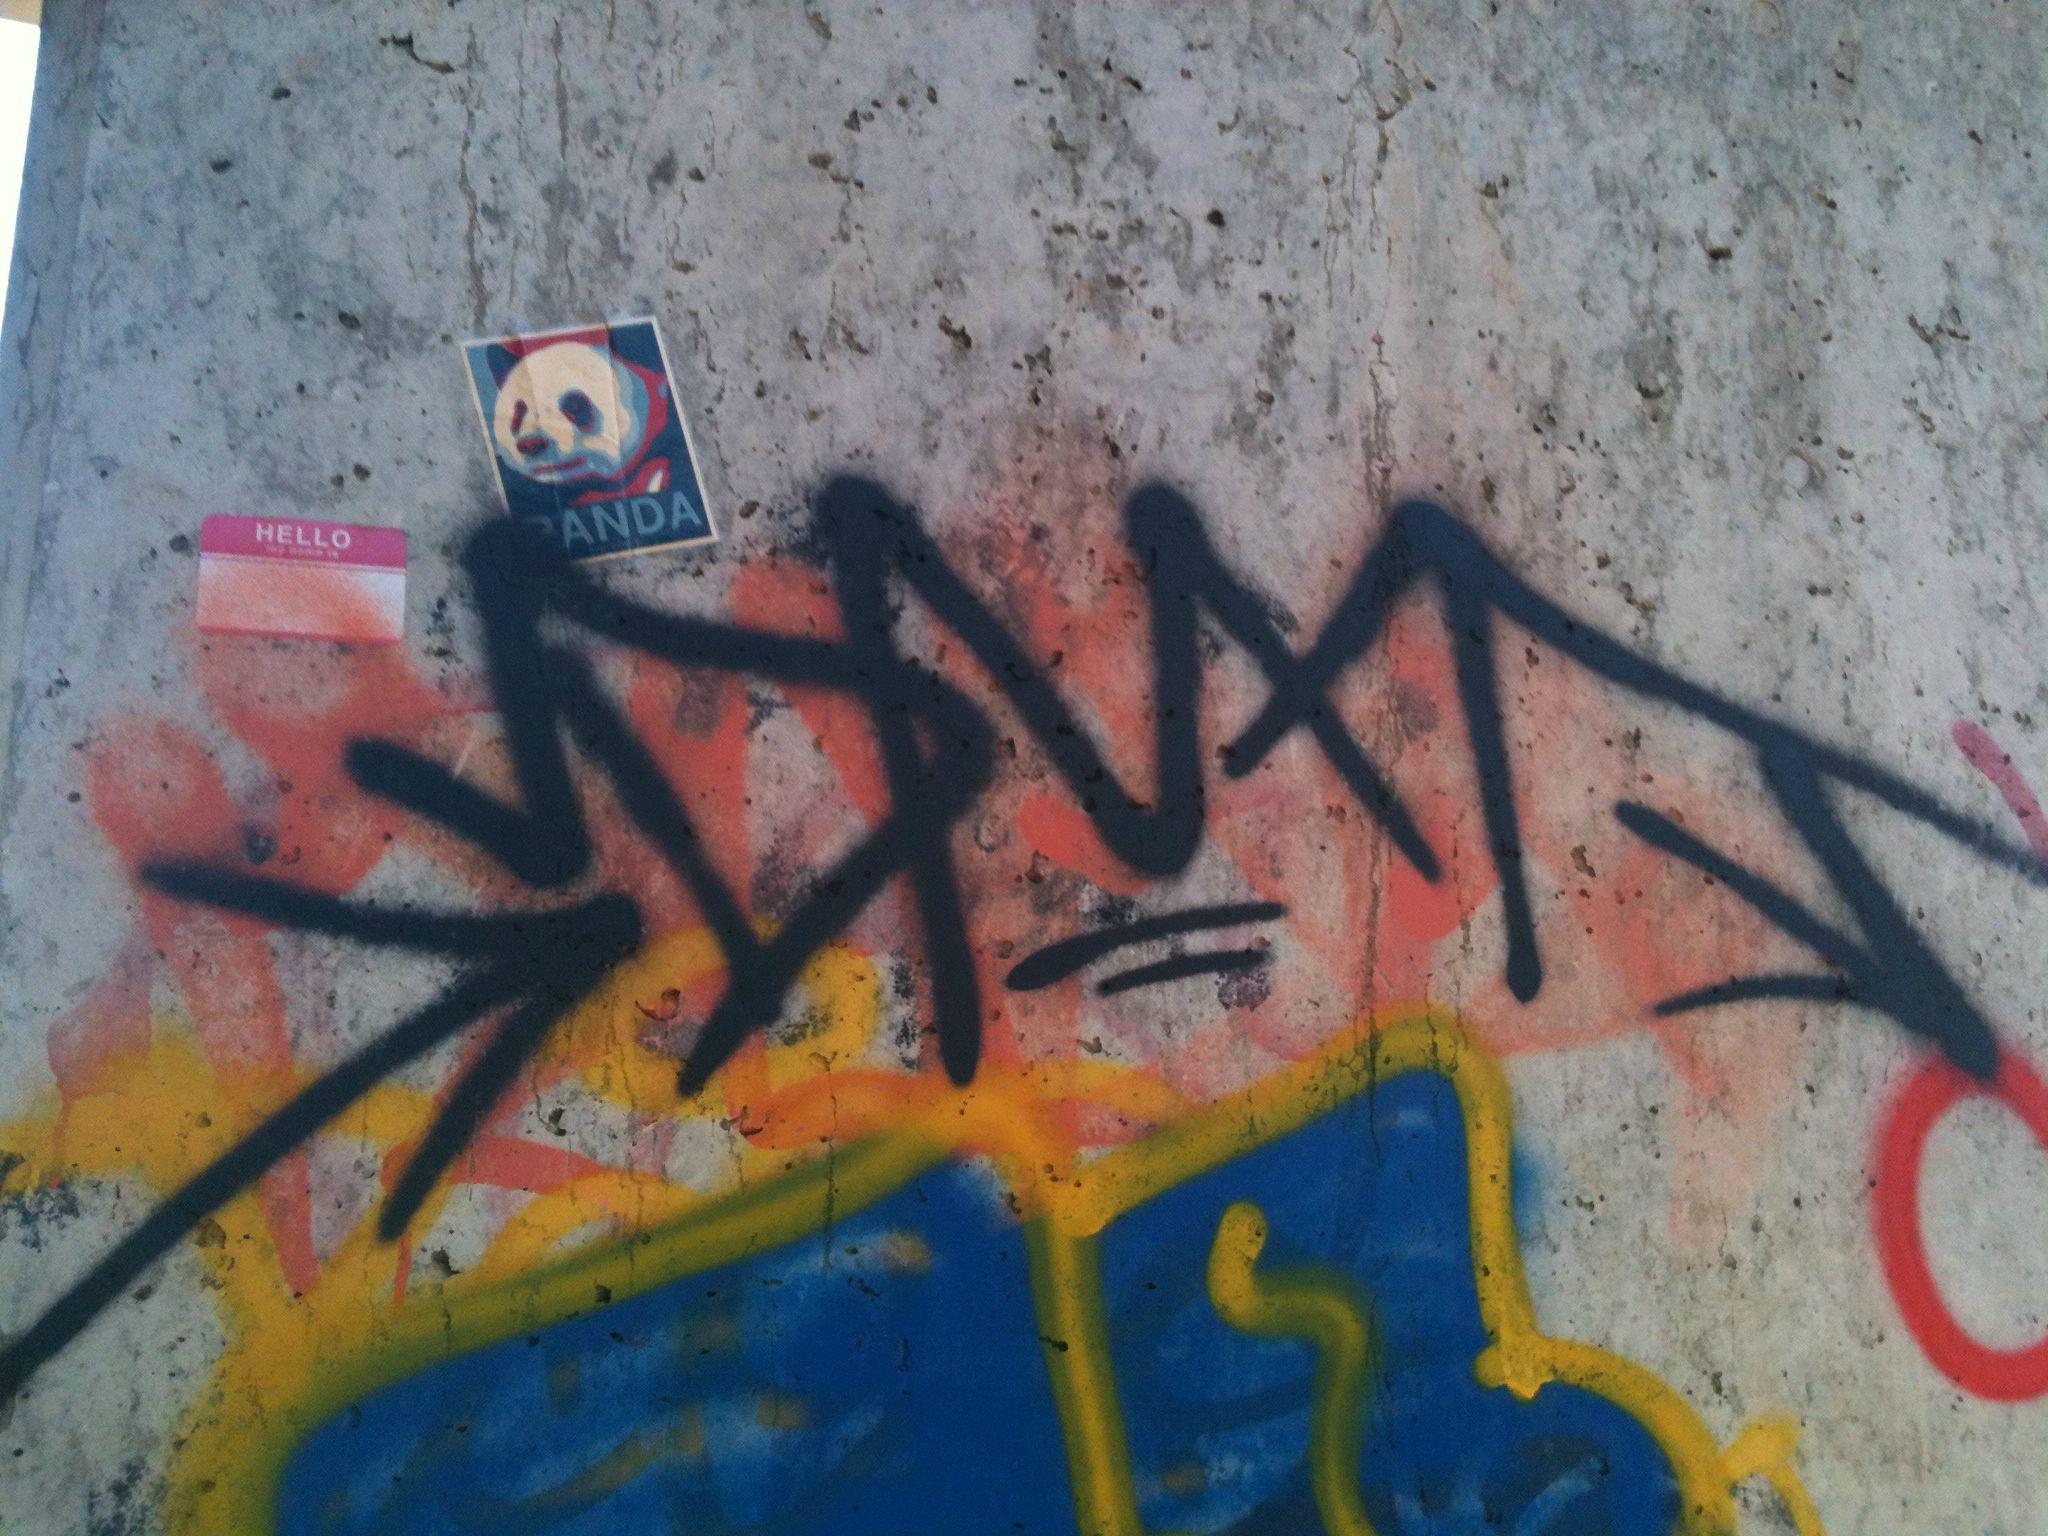 ai.imgur.com_6jq8e.jpg